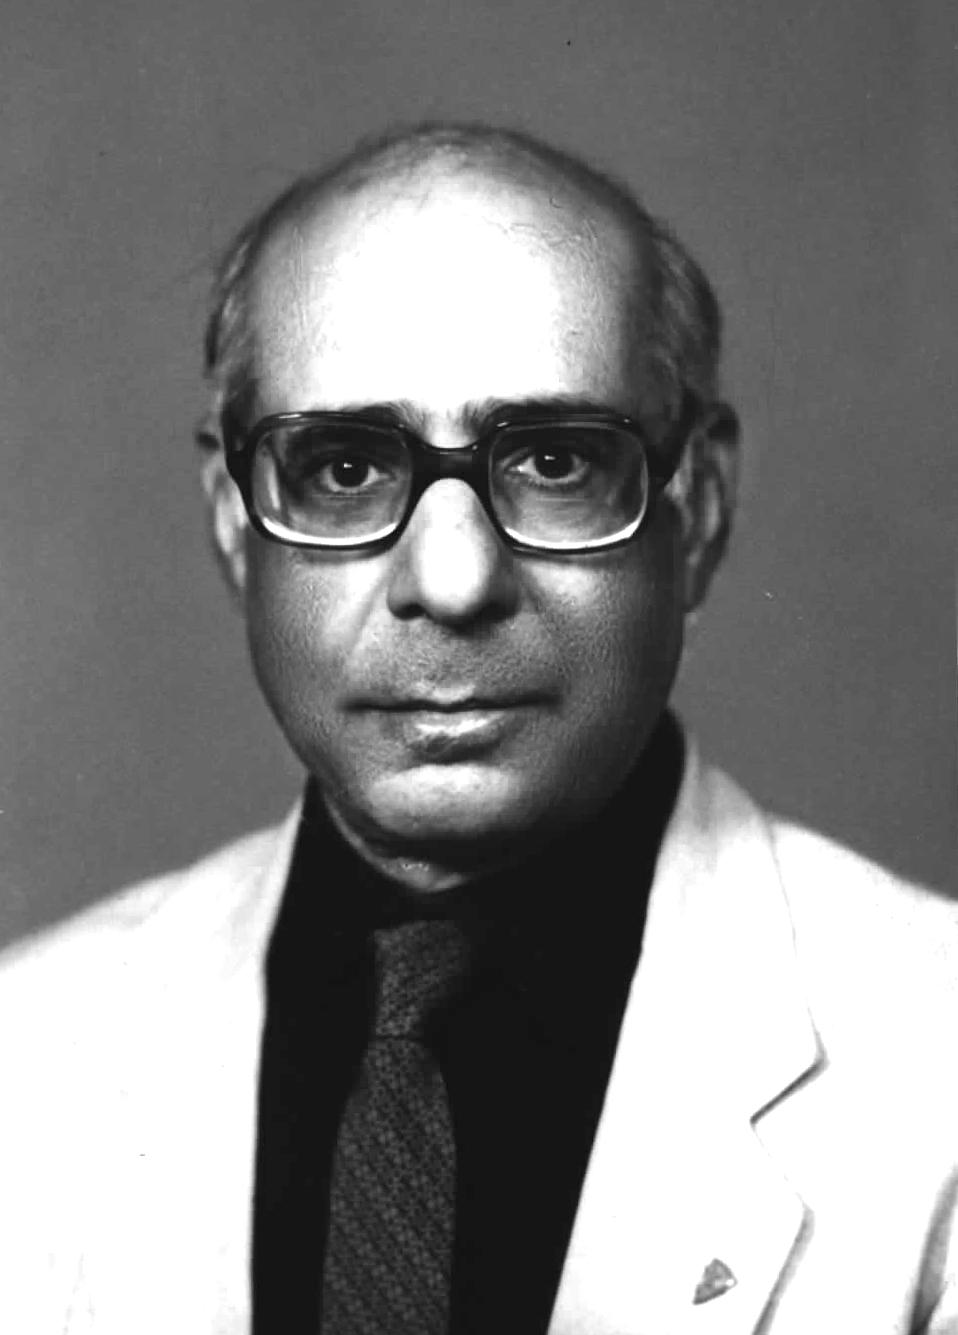 Profile image of Raj Mahindra, Dr